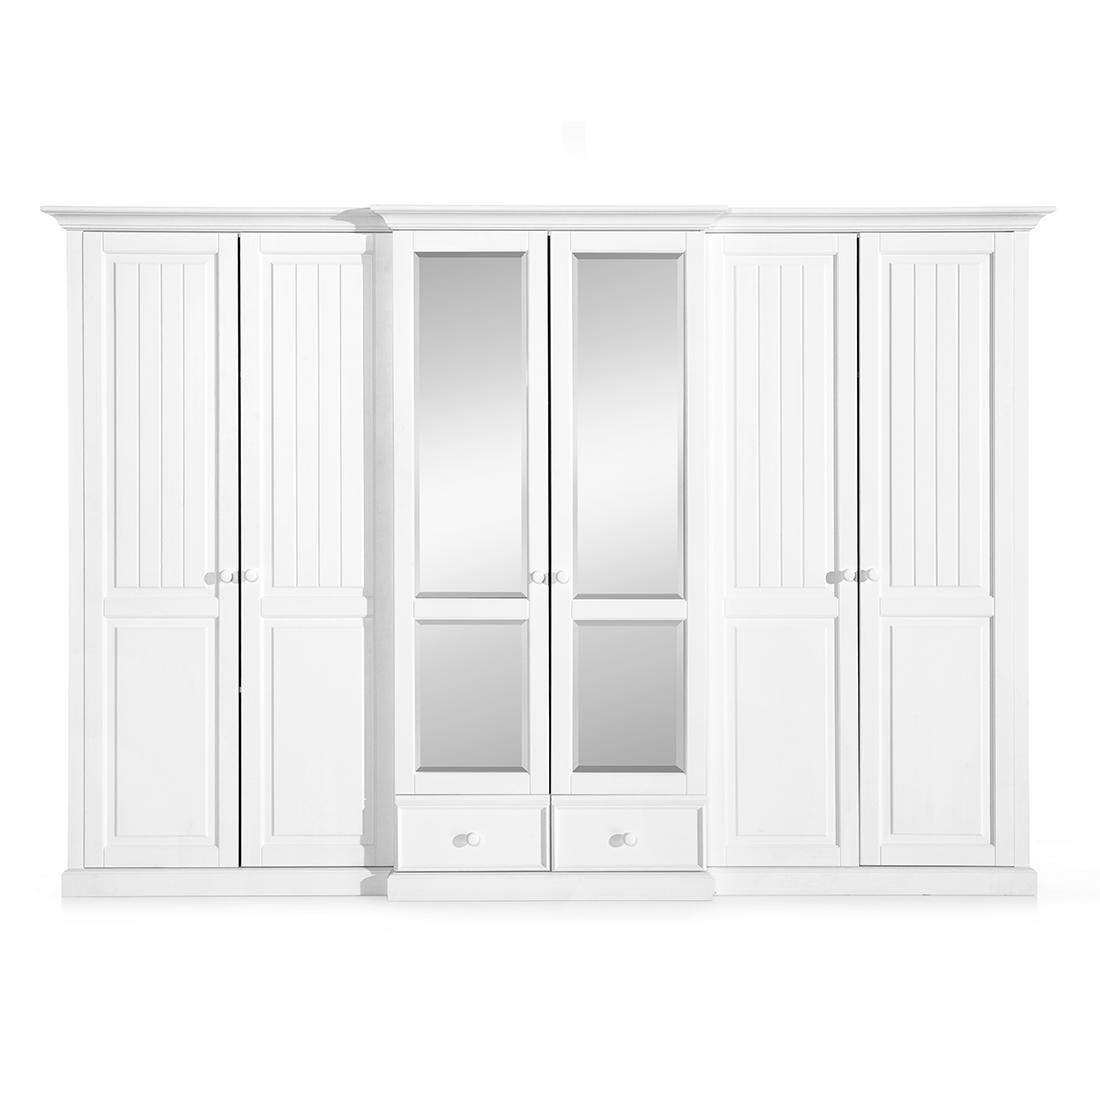 Dulap cu oglinda, din lemn de pin si pal, cu 6 usi si 2 sertare Pallas Premium Alb, l319xA71xH220 cm imagine